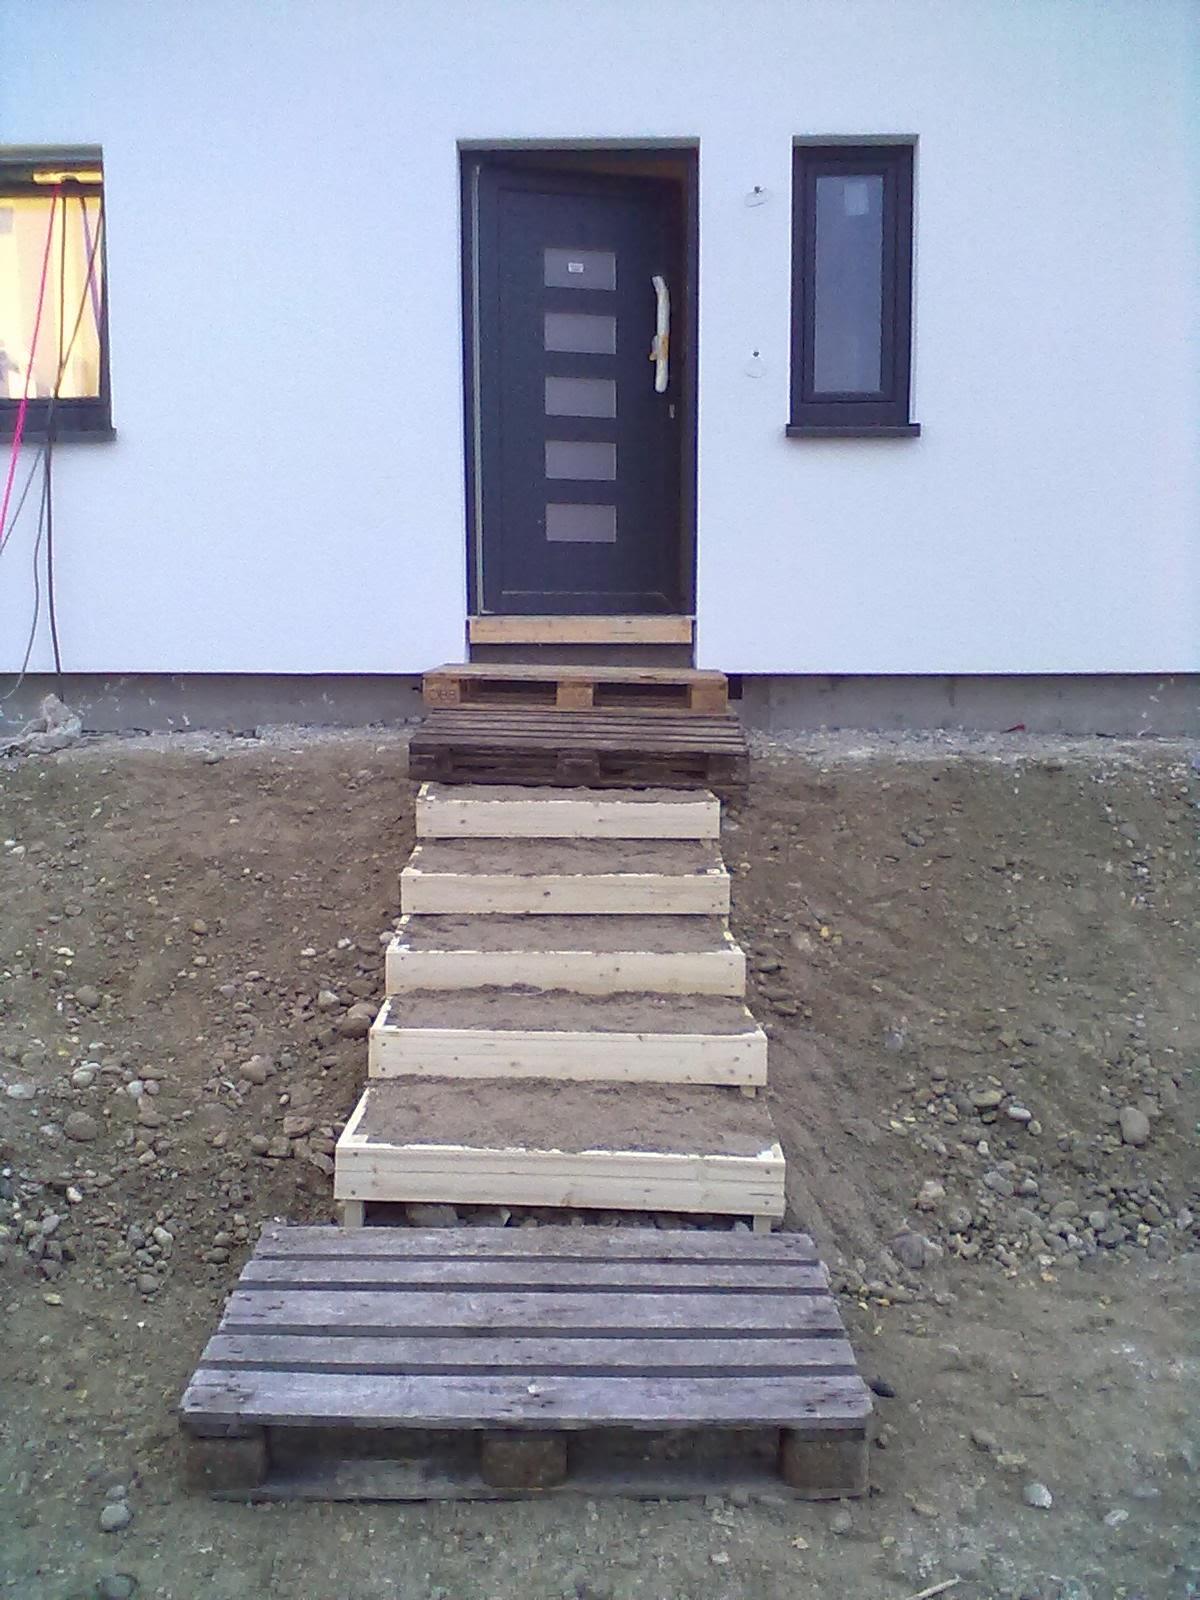 unser traumhaus von okal in oberbayern ein meisterwerk der architektur. Black Bedroom Furniture Sets. Home Design Ideas